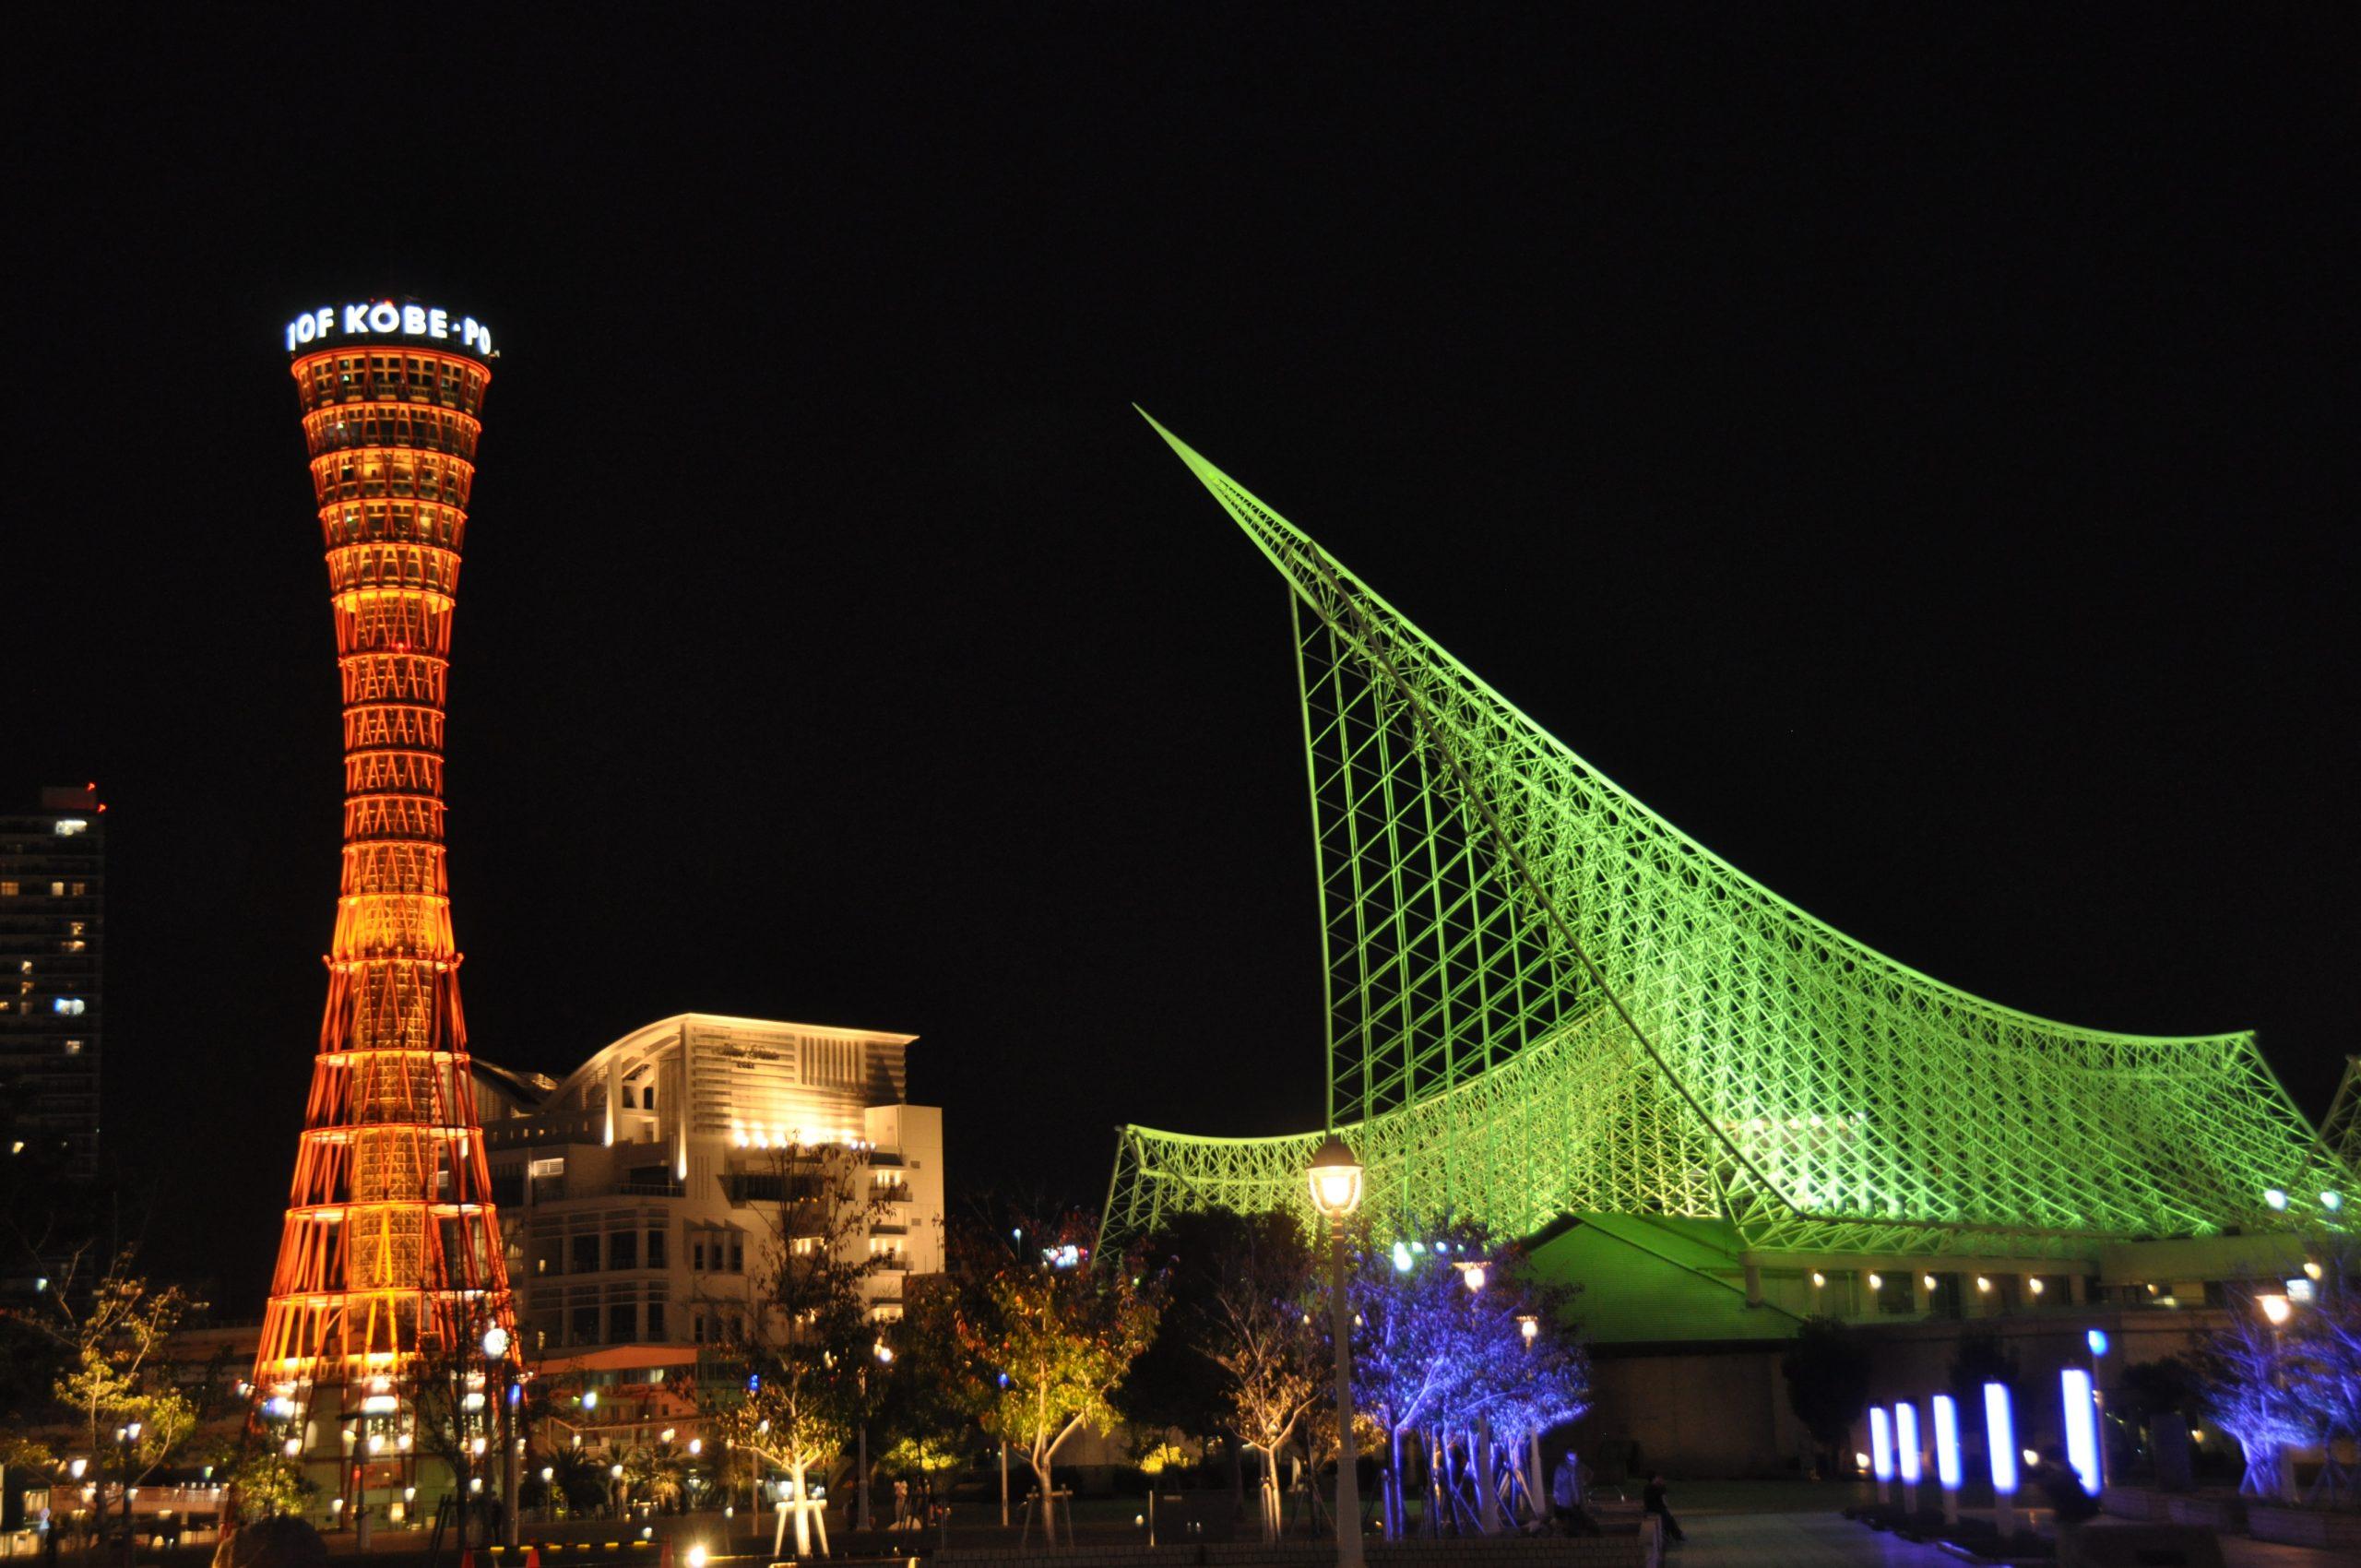 【神戸】親子で学んで楽しめる! 神戸港の魅力あふれる「神戸海洋博物館」